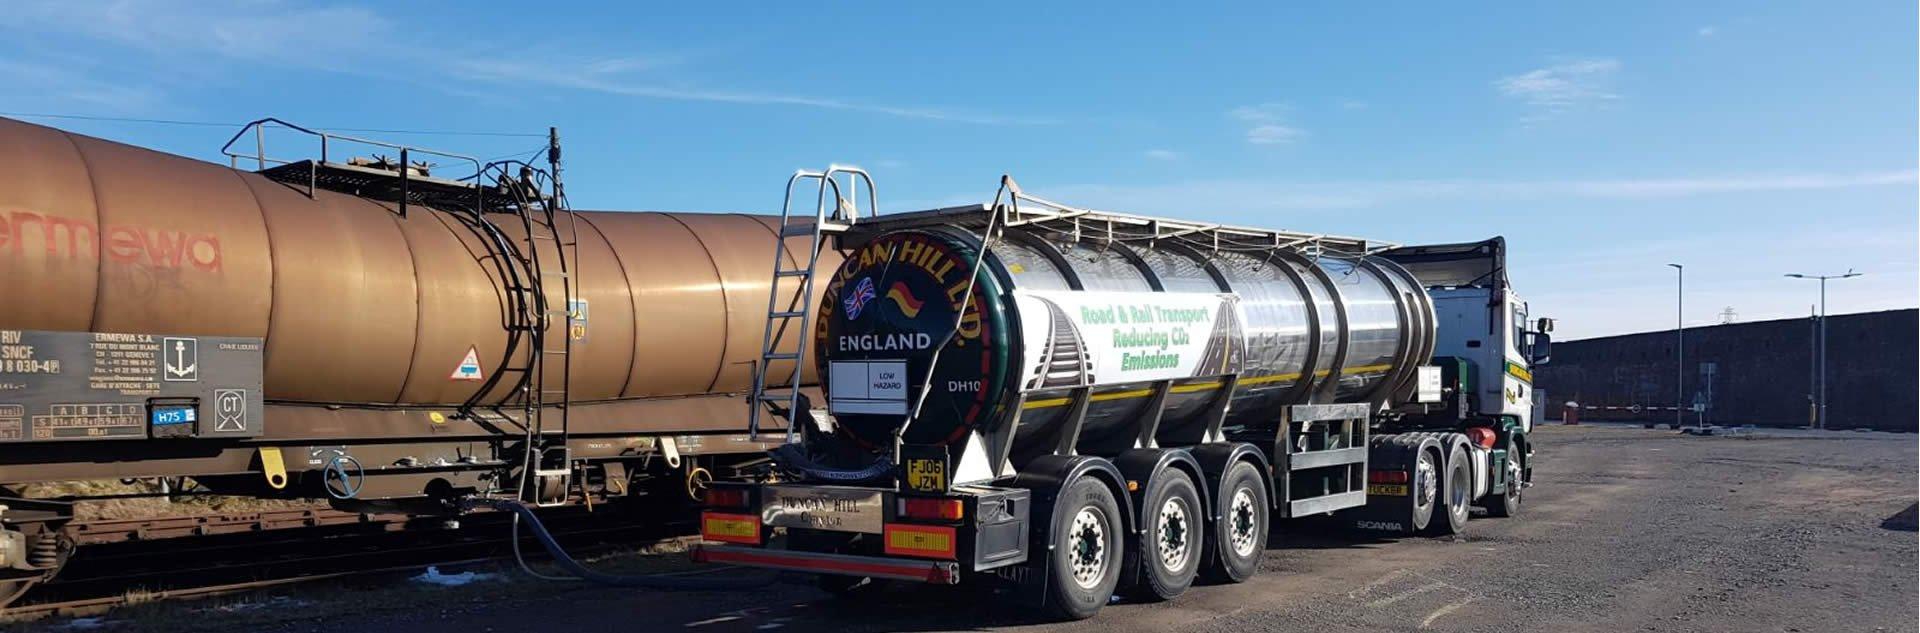 Bulk Liquids Transport | Duncan Hill Road Haulage Contractor